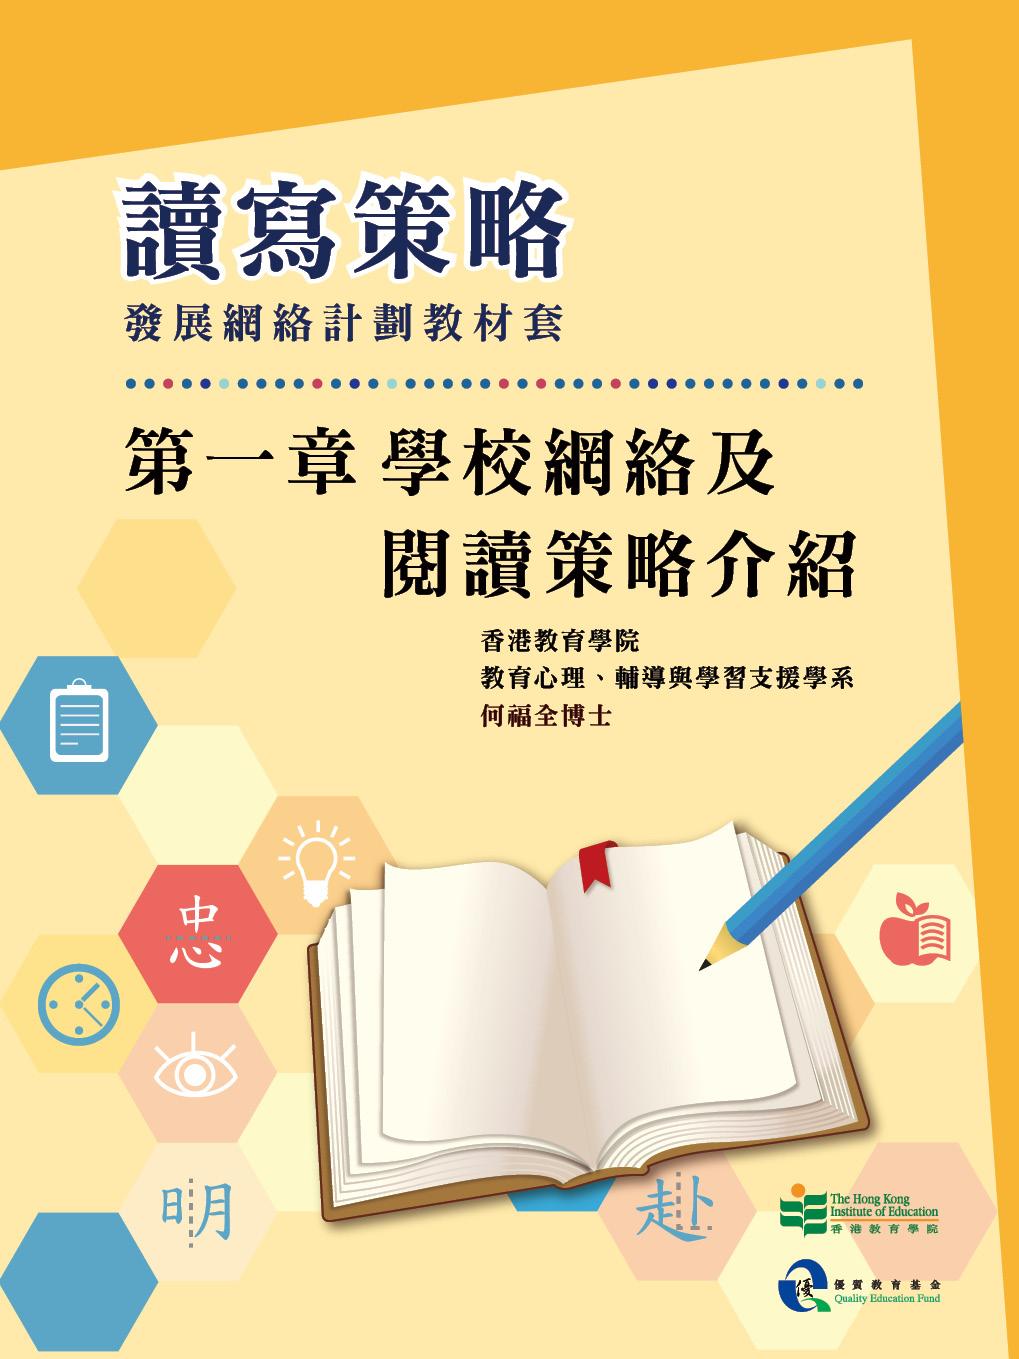 讀寫策略發展網絡計劃教材套 第一章 學校網絡及閱讀策略介紹